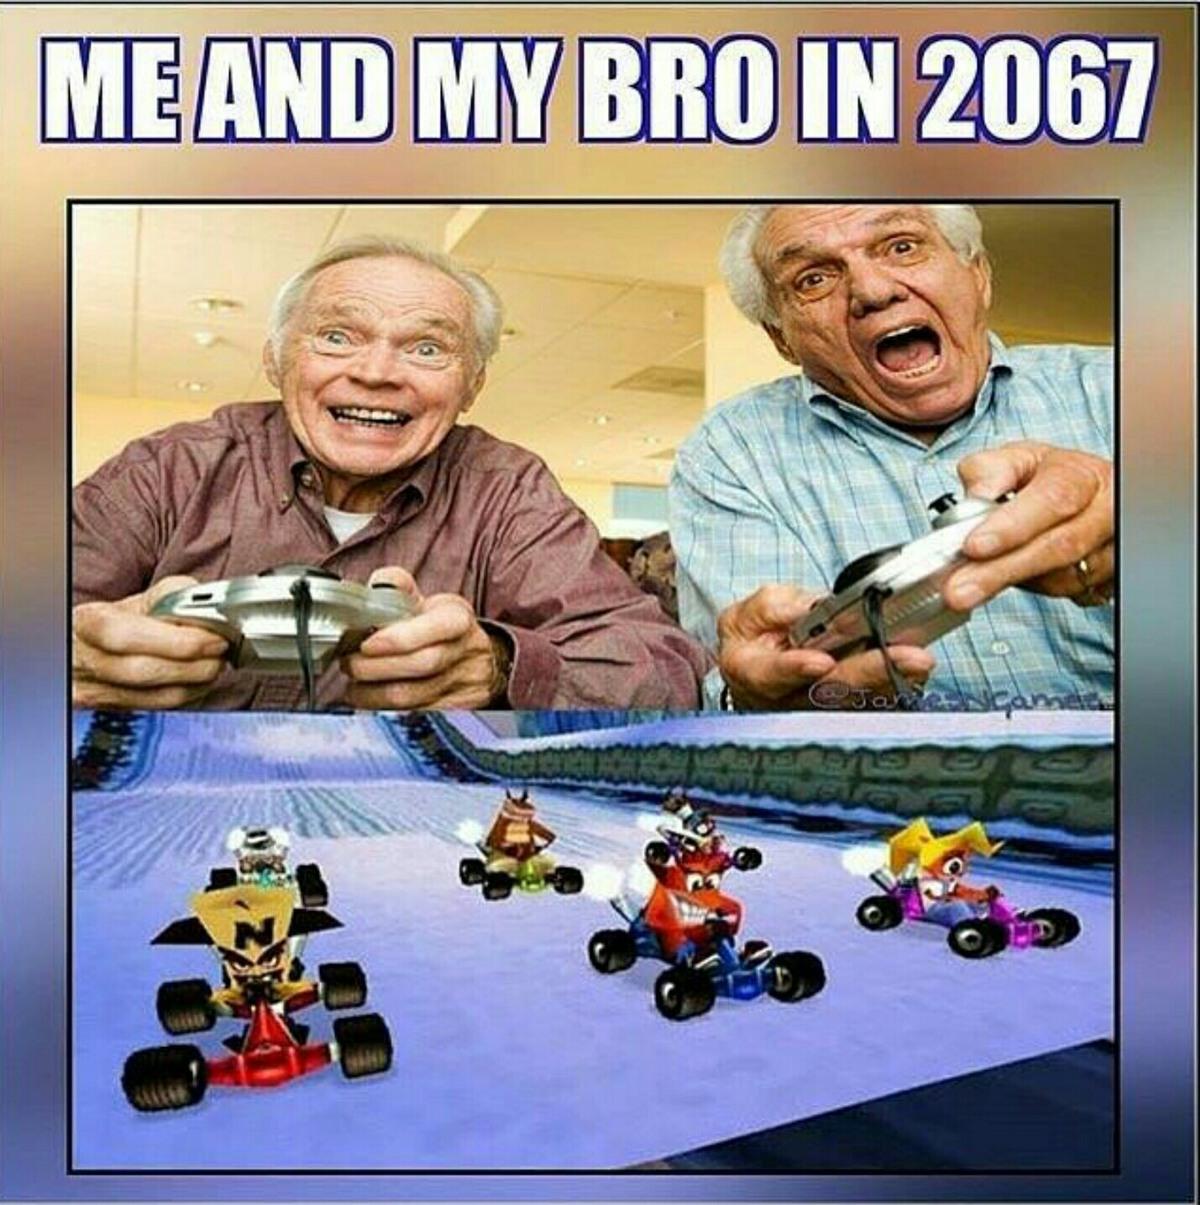 Can't wait - meme